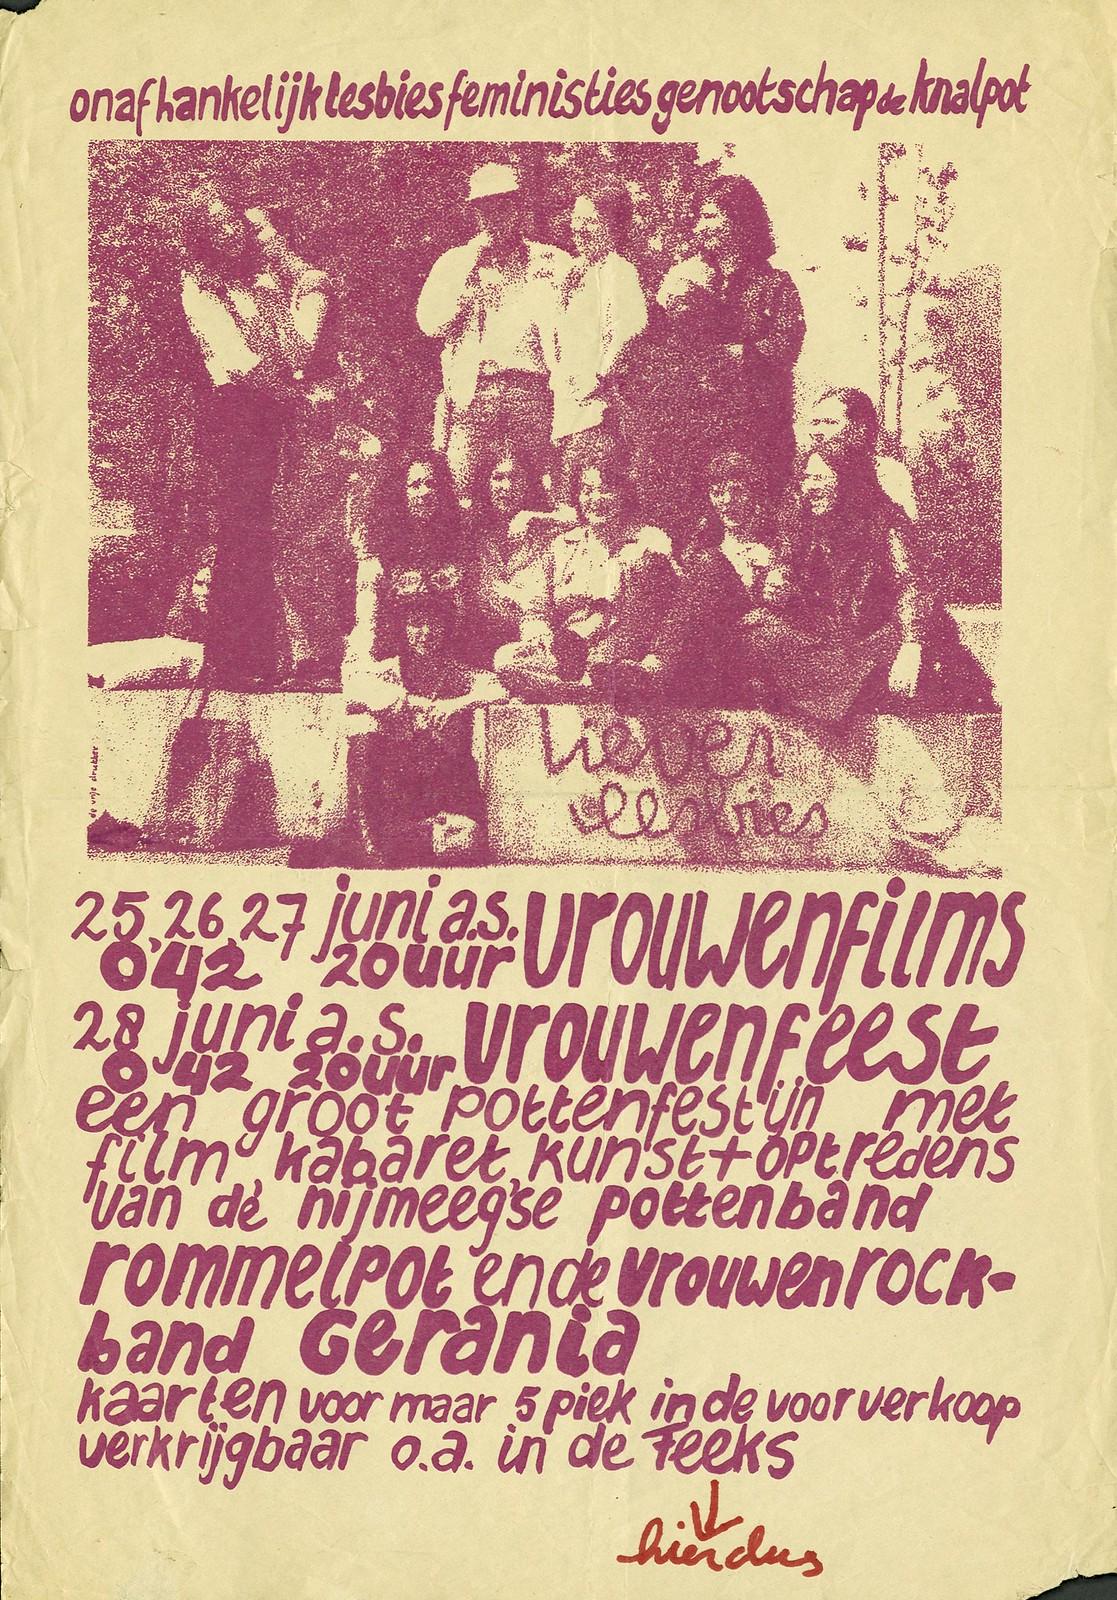 1978 Lesbiese Maand Nijmegen